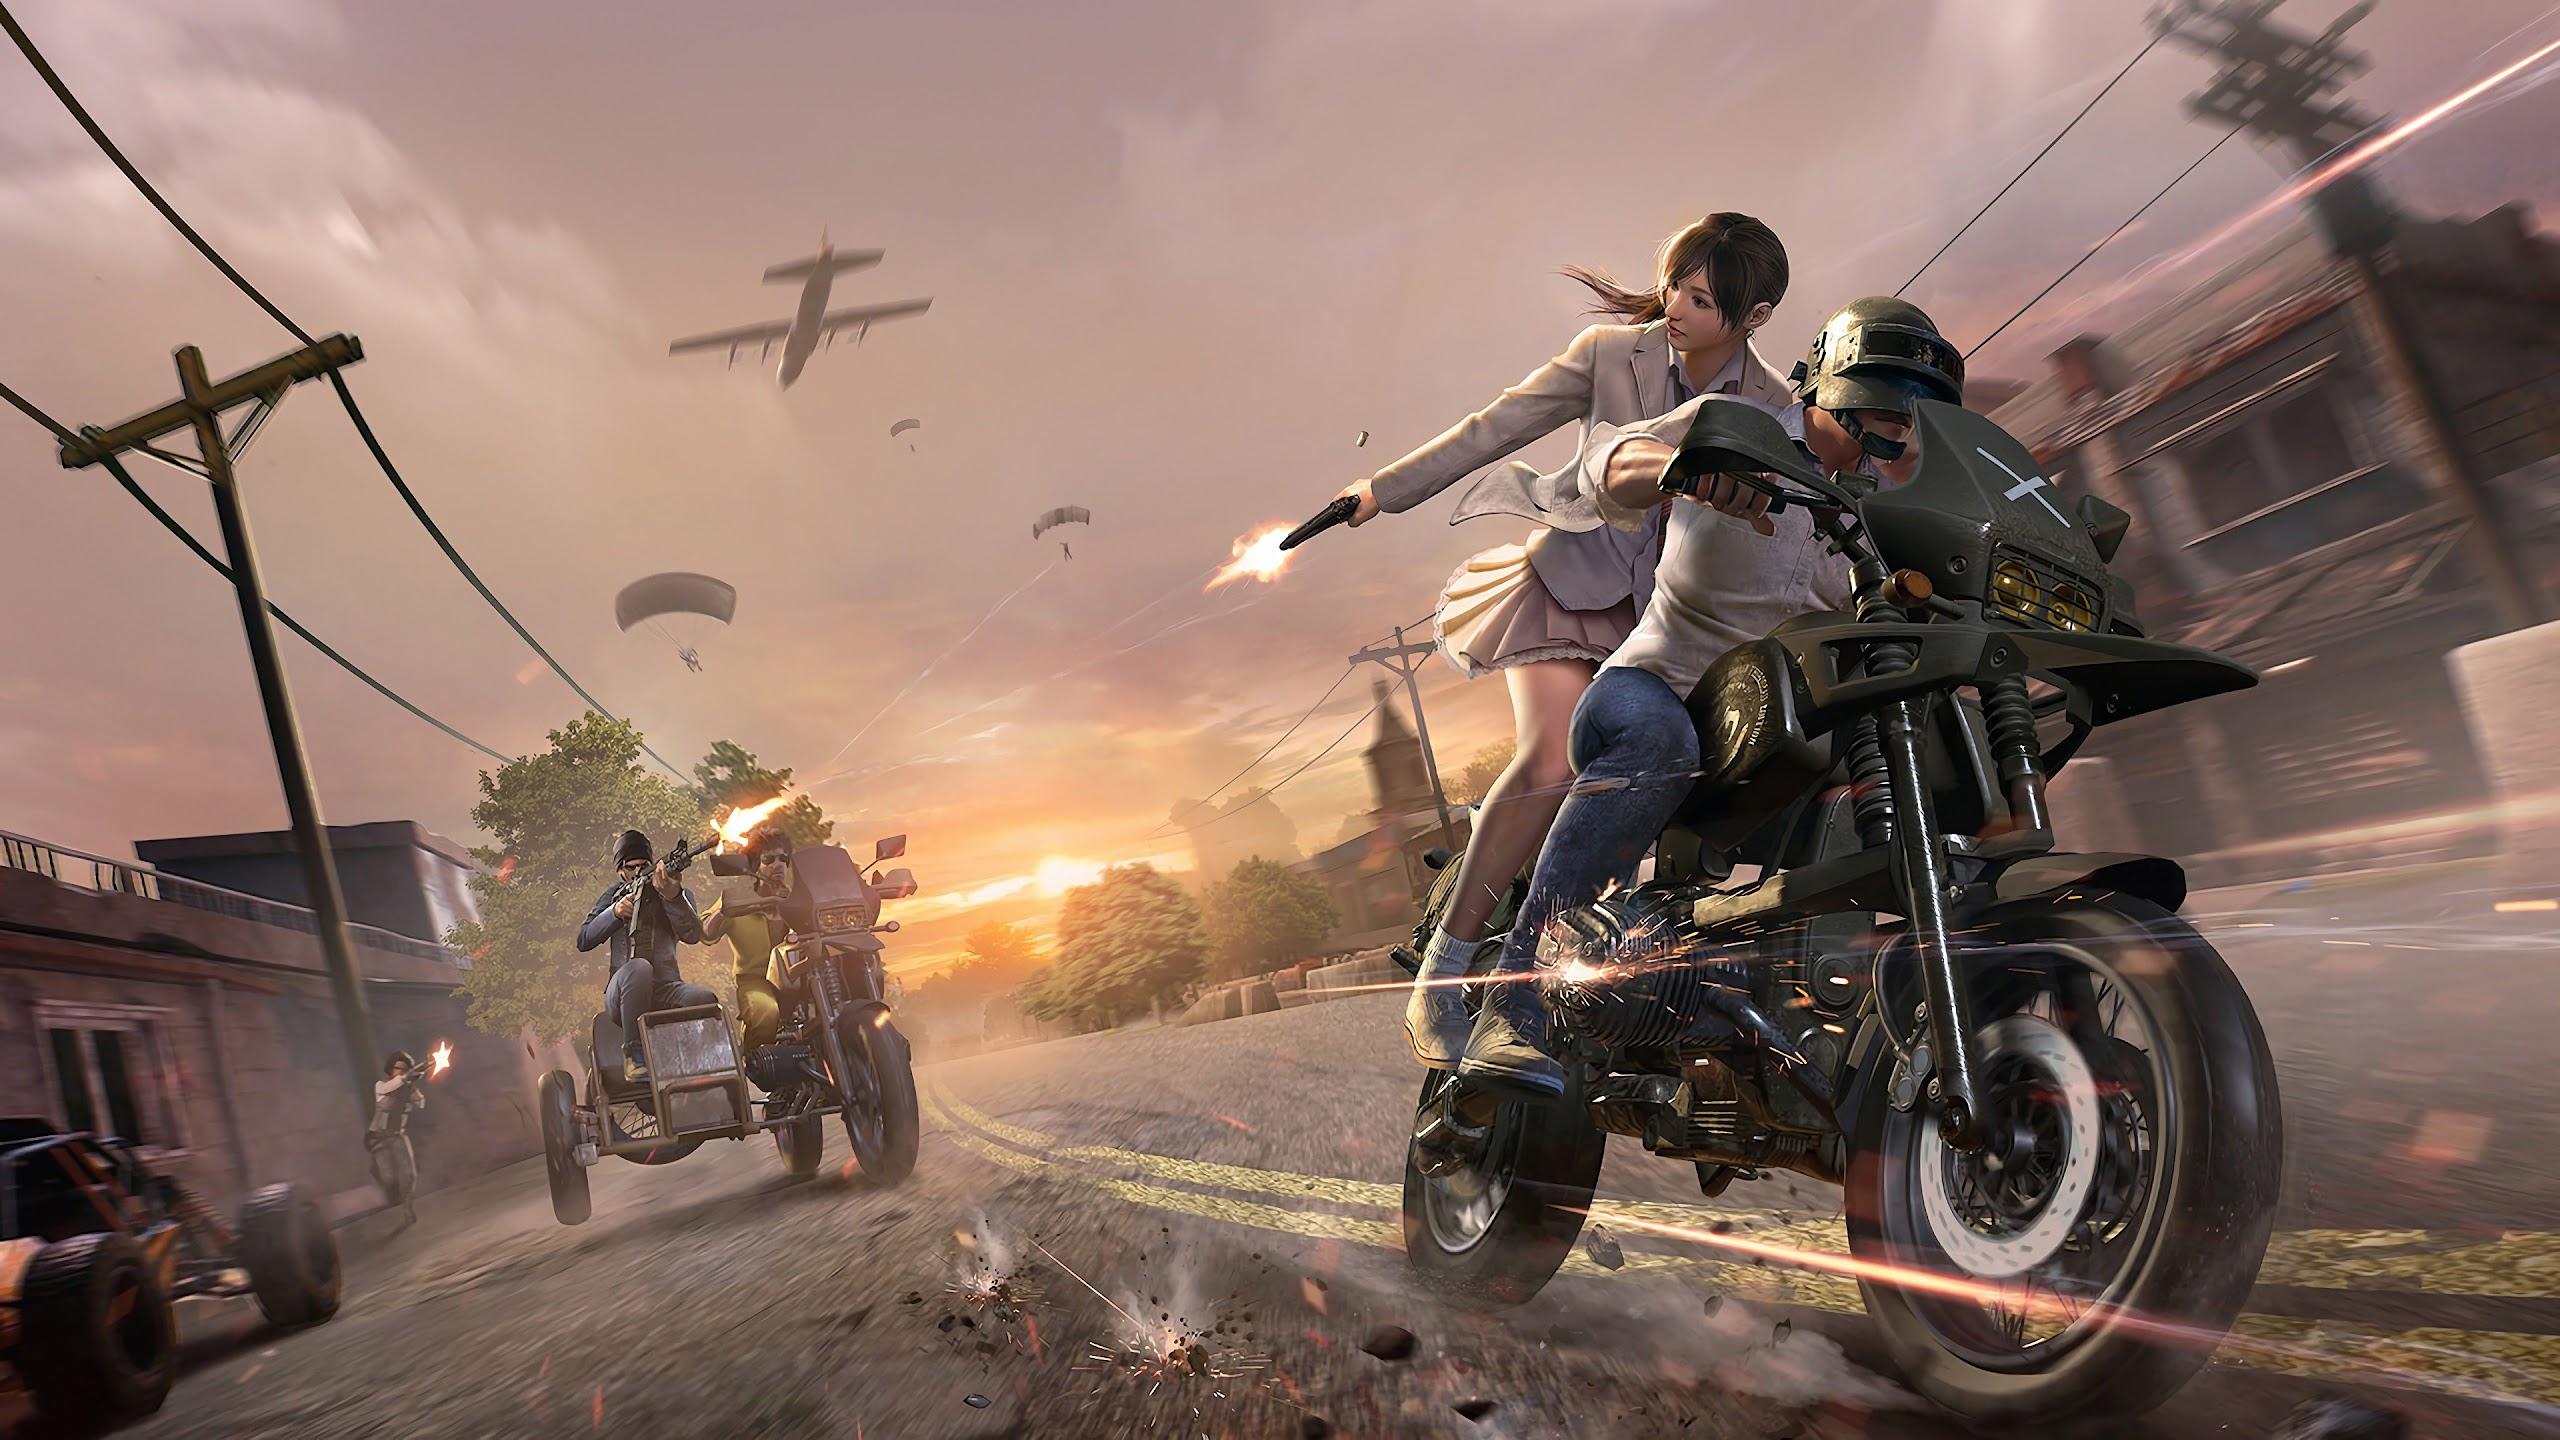 playerunknowns battlegrounds pubg mobile wallpaper hd